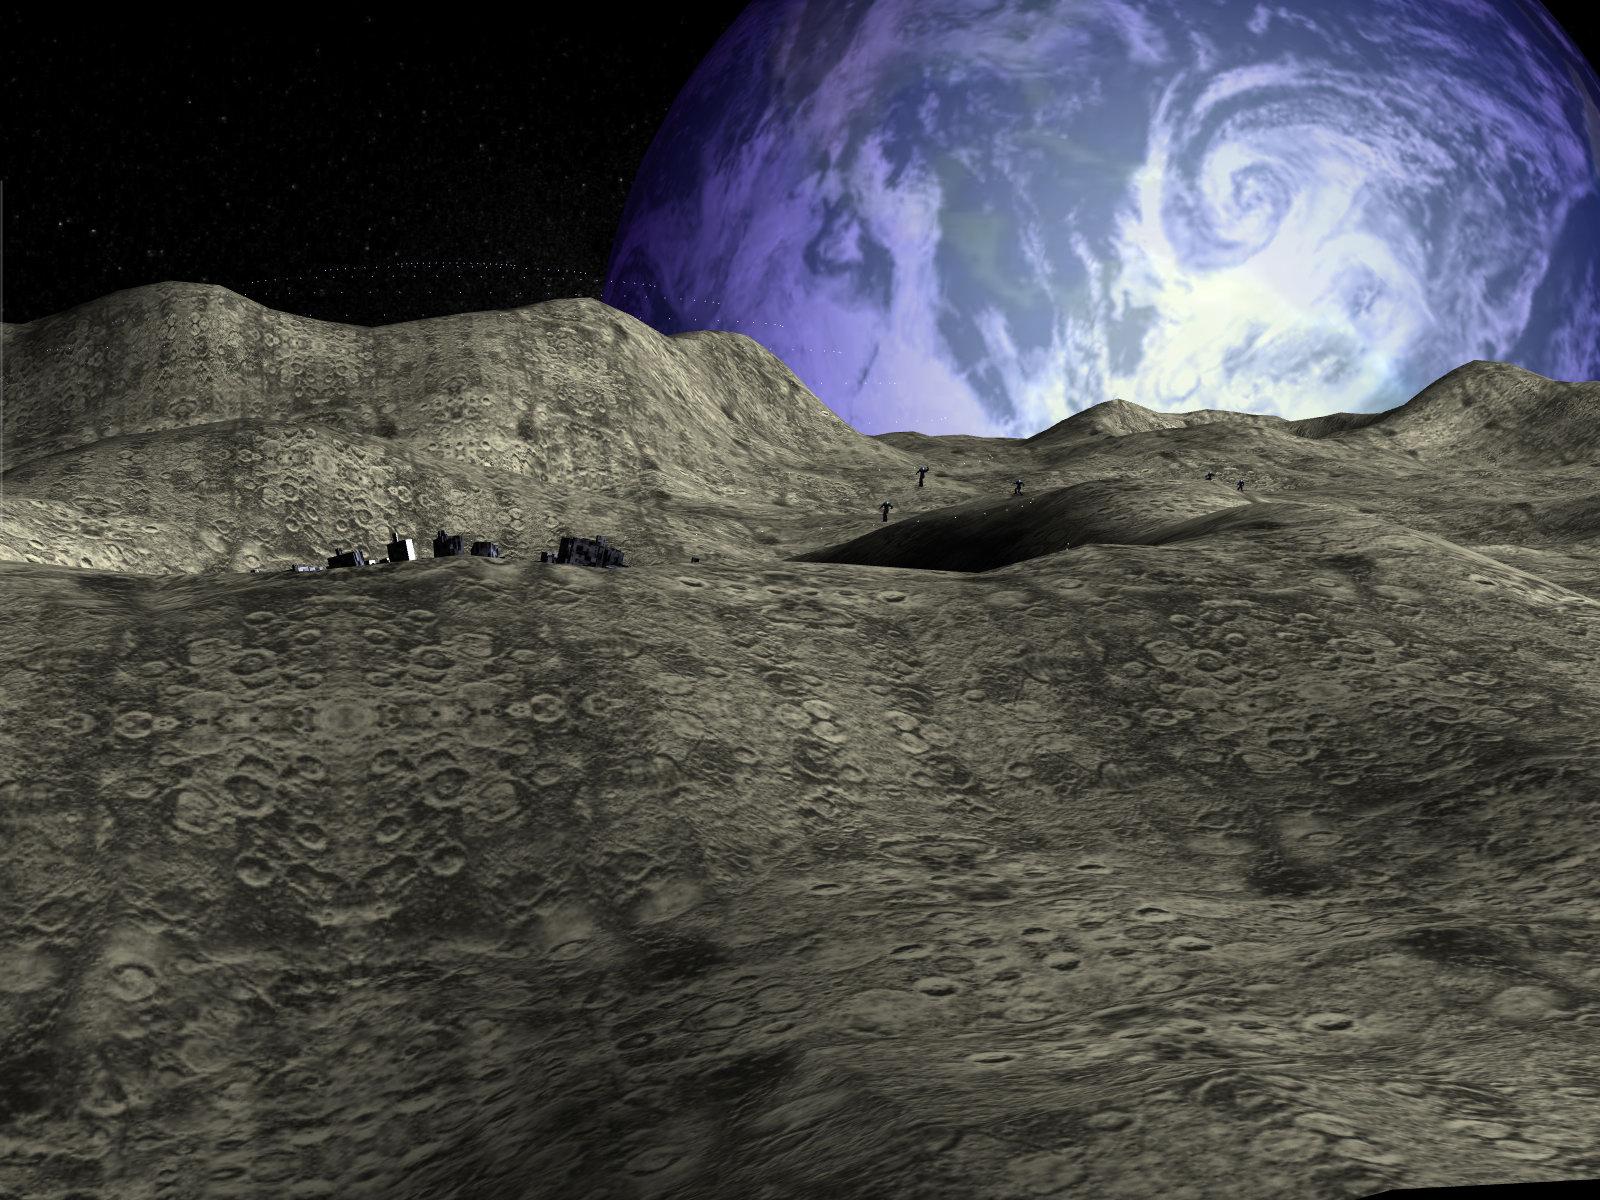 moon base wallpaper-#12